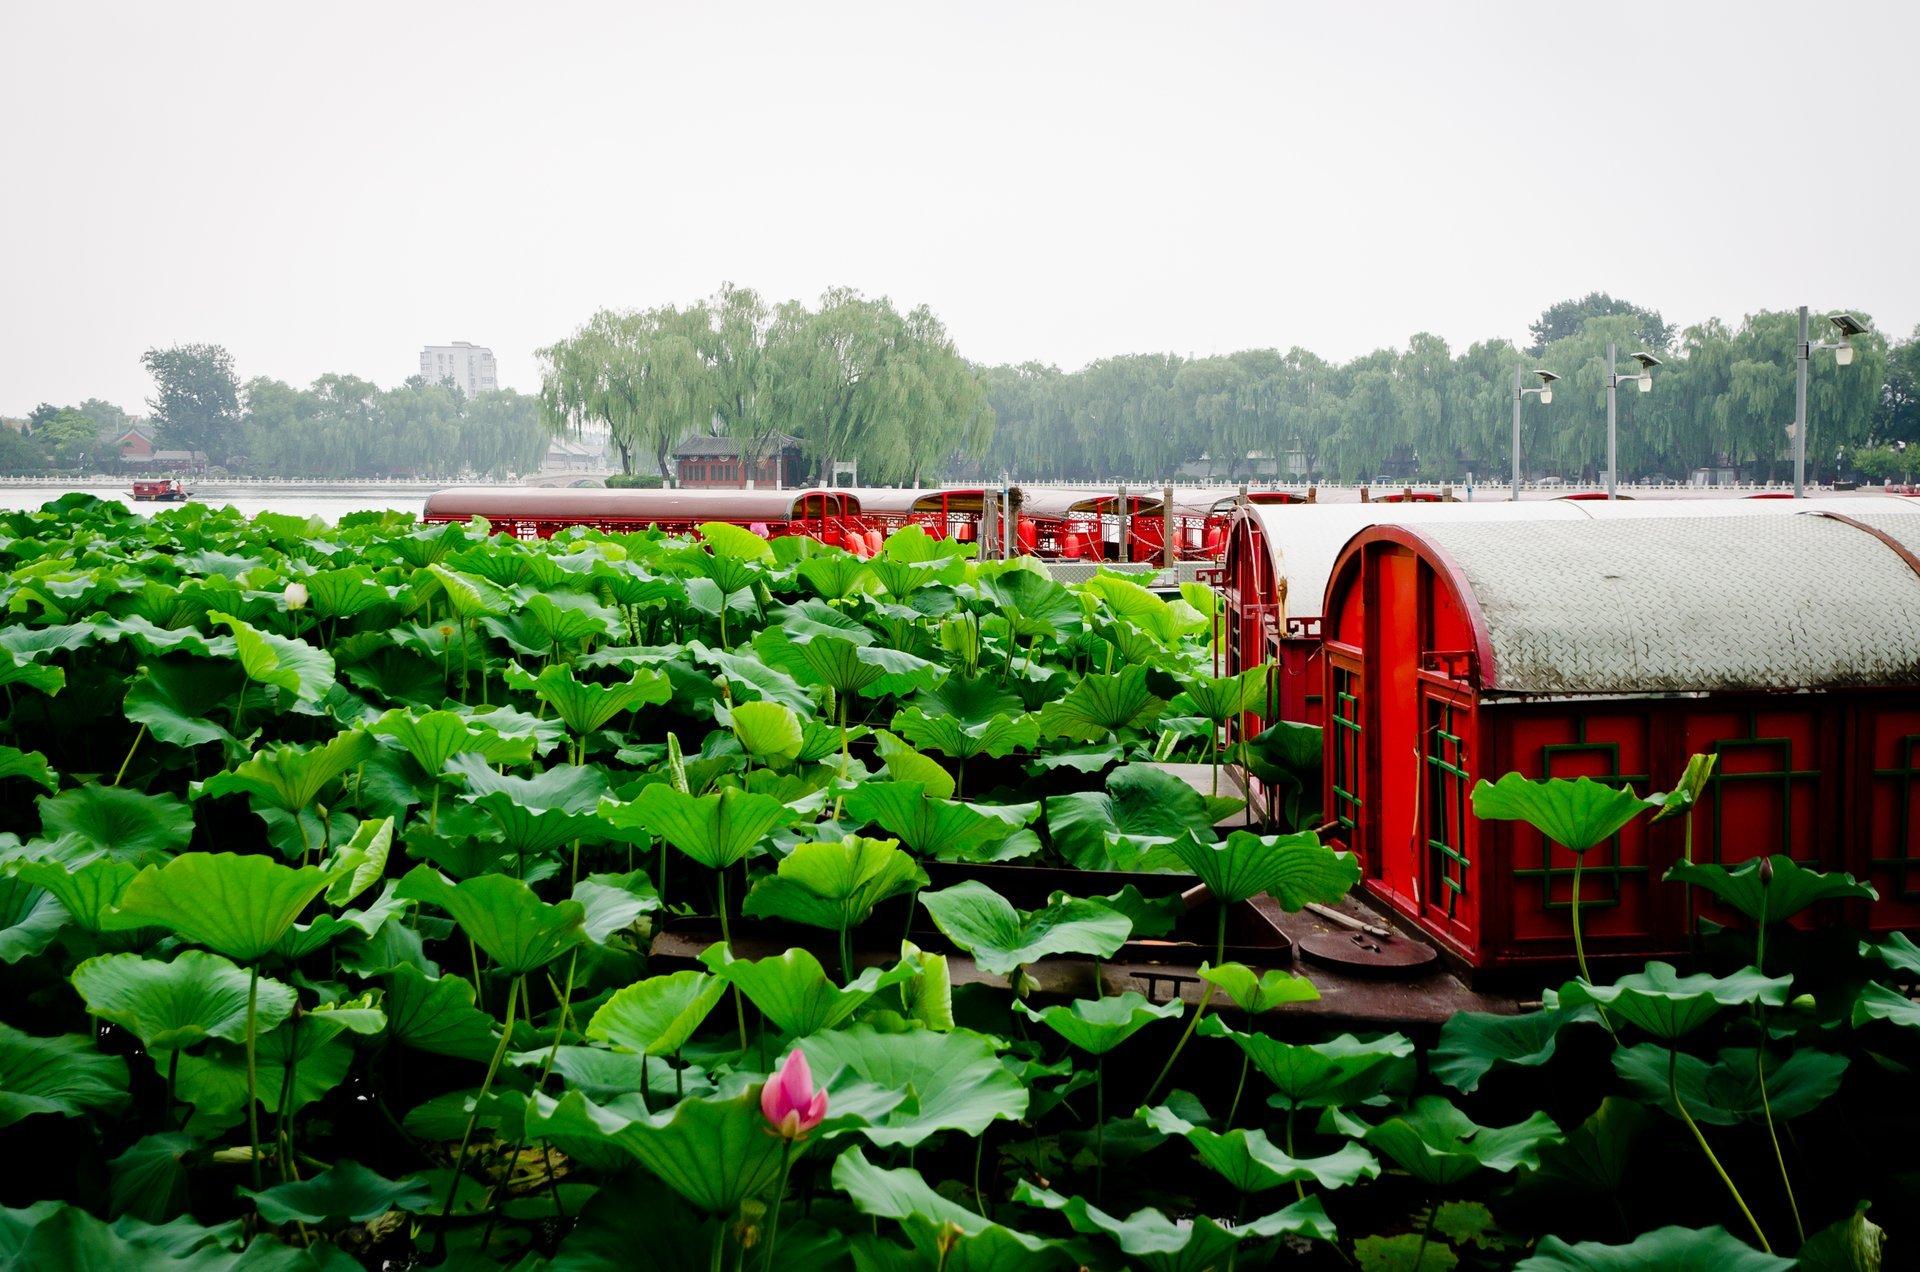 Lotus Market in Beijing 2020 - Best Time